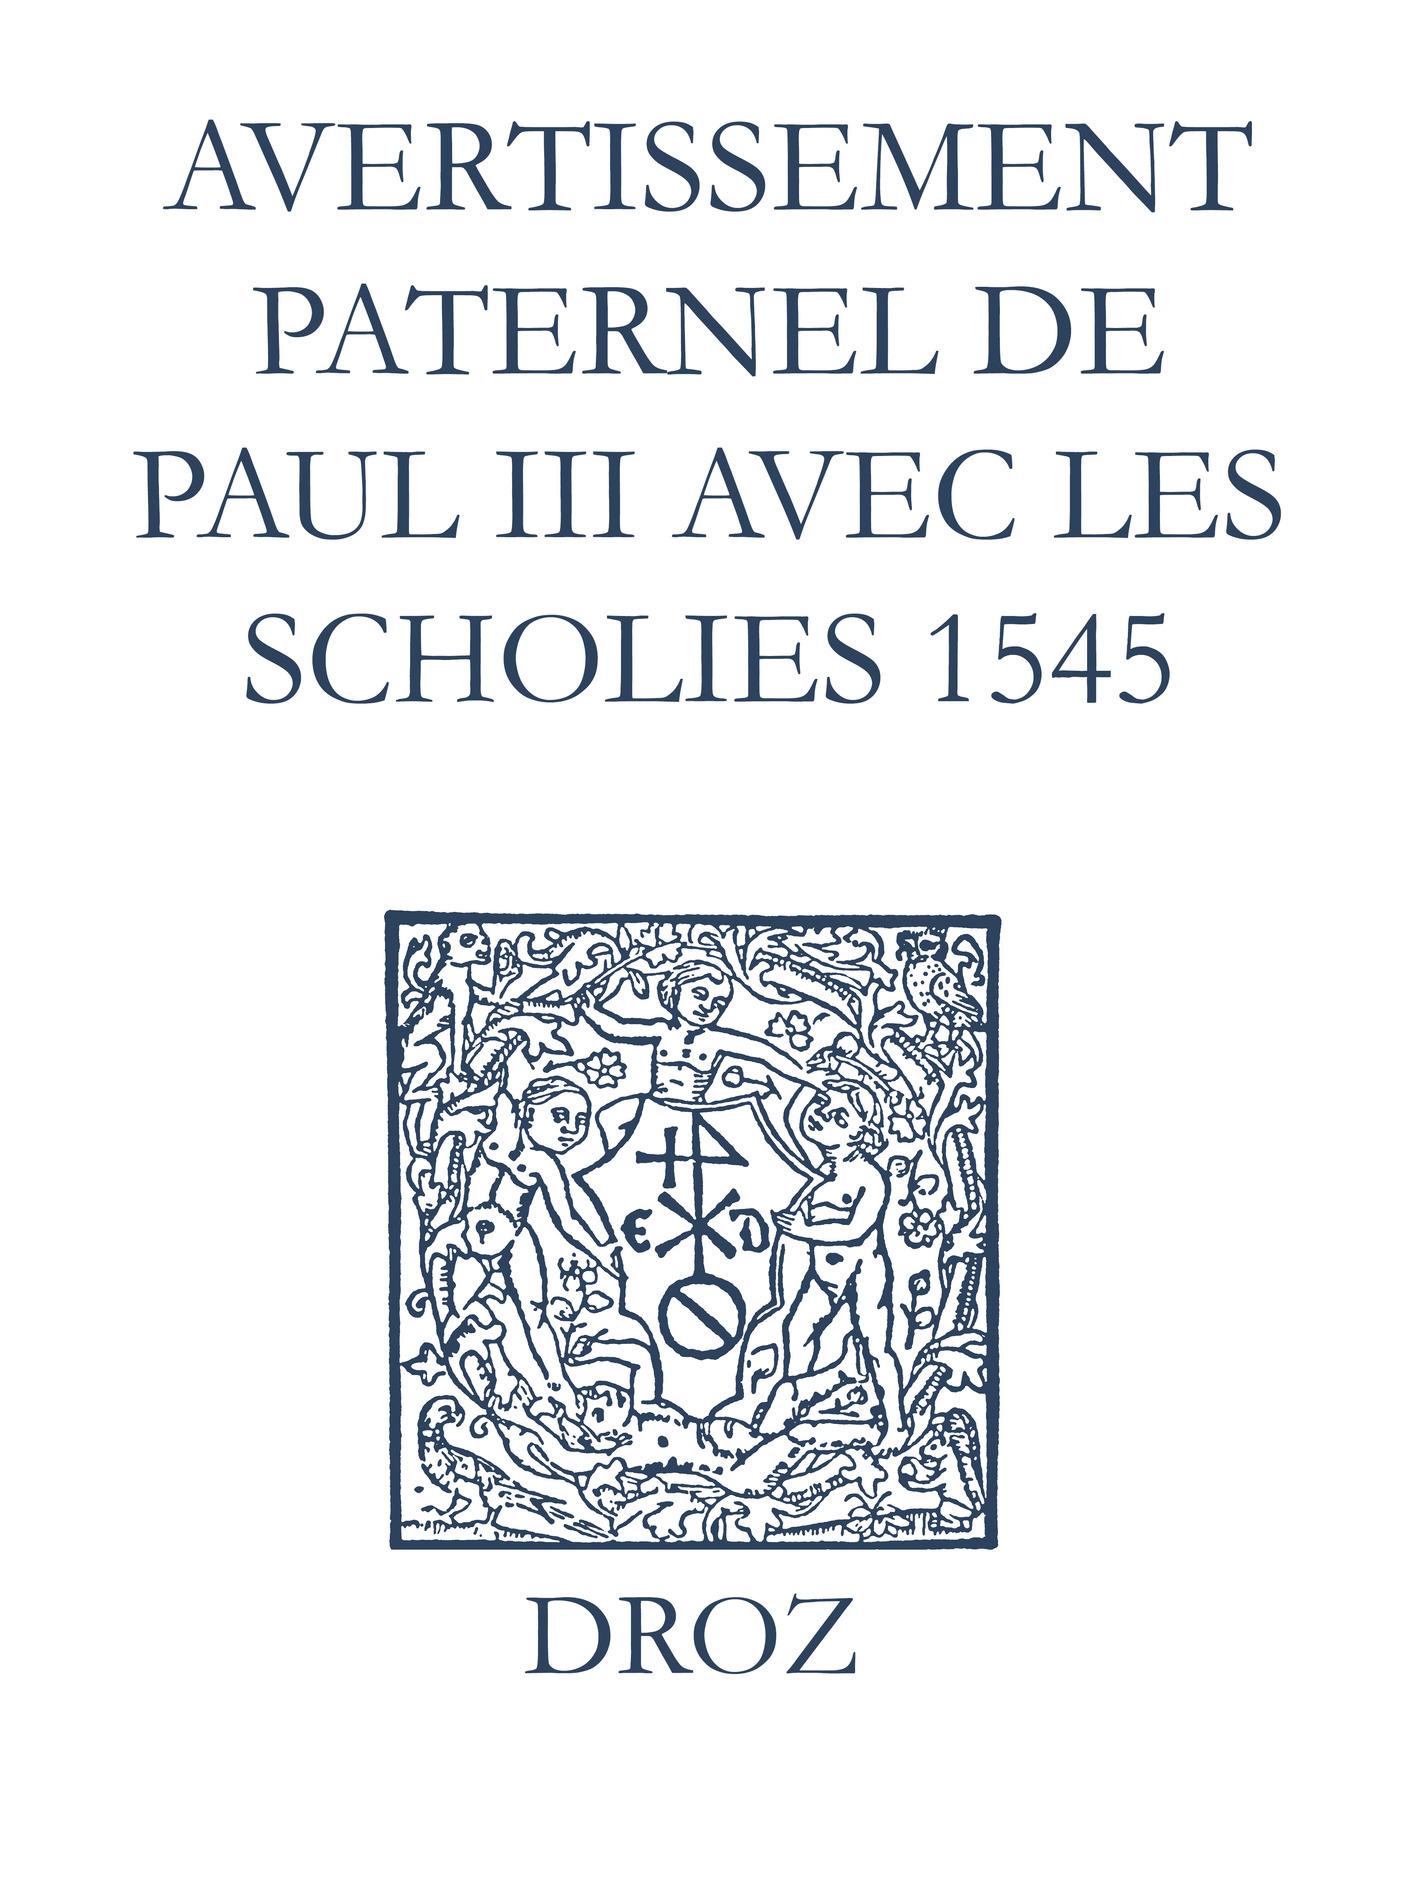 Recueil des opuscules 1566. Avertissement paternel de Paul III avec les scholies (1545)  - Laurence Vial-Bergon